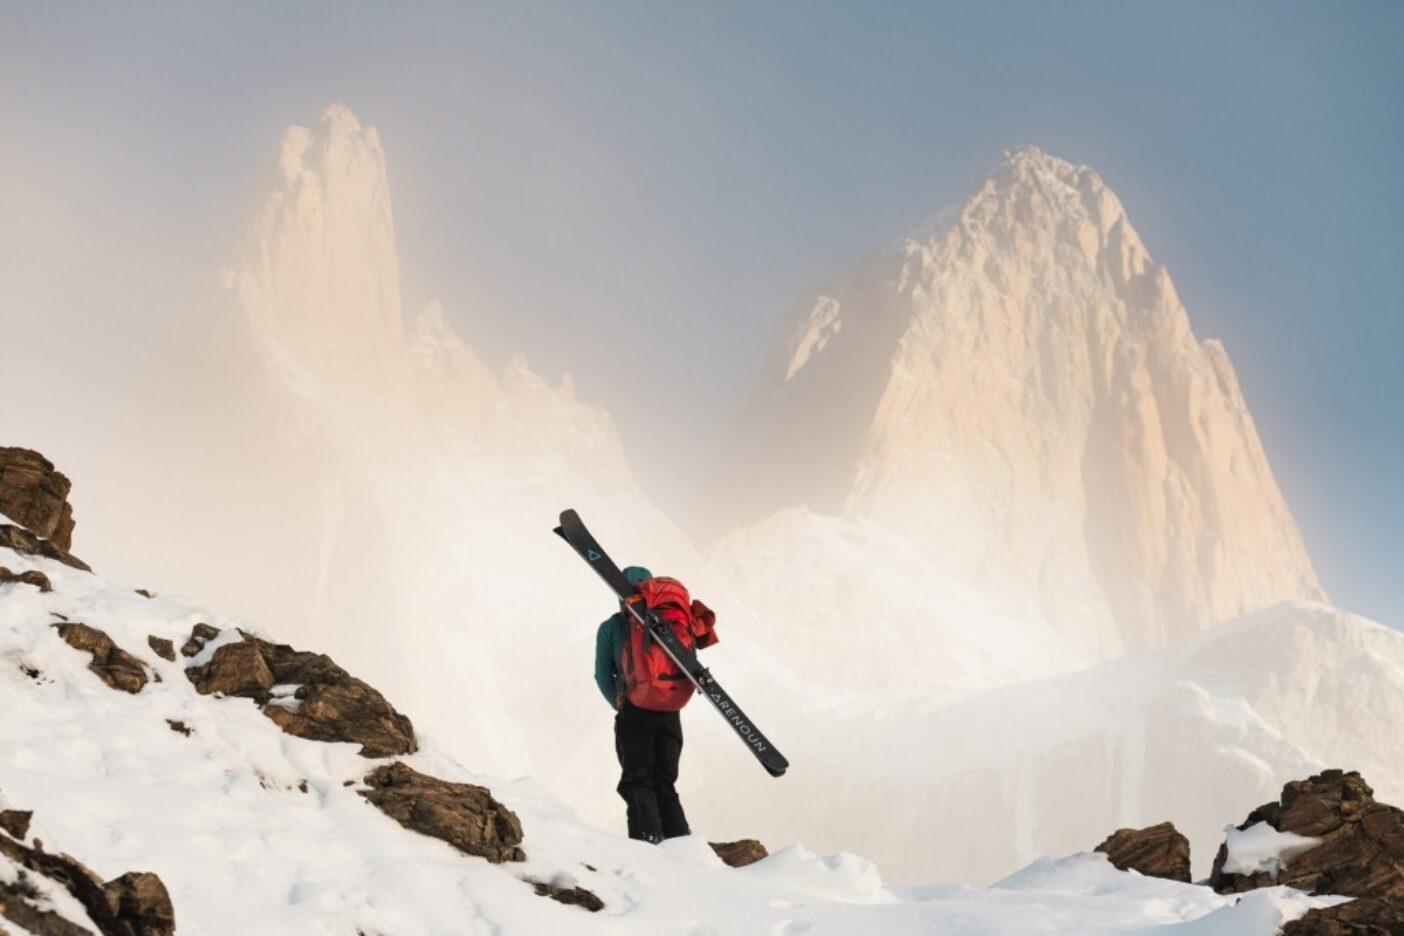 地元民マーリン・リプシッツは、ロス・グラシアレス国立公園に畏怖を感じて立ち止まる。この雲は被写体としては効果的だが、このせいでテチャドネグロの北回廊は弾丸も通さないほど固いスケートリンクだった。パタゴニアでは常に天候が最終決定権を握る。アルゼンチンにて。写真:マシュー・タフツ